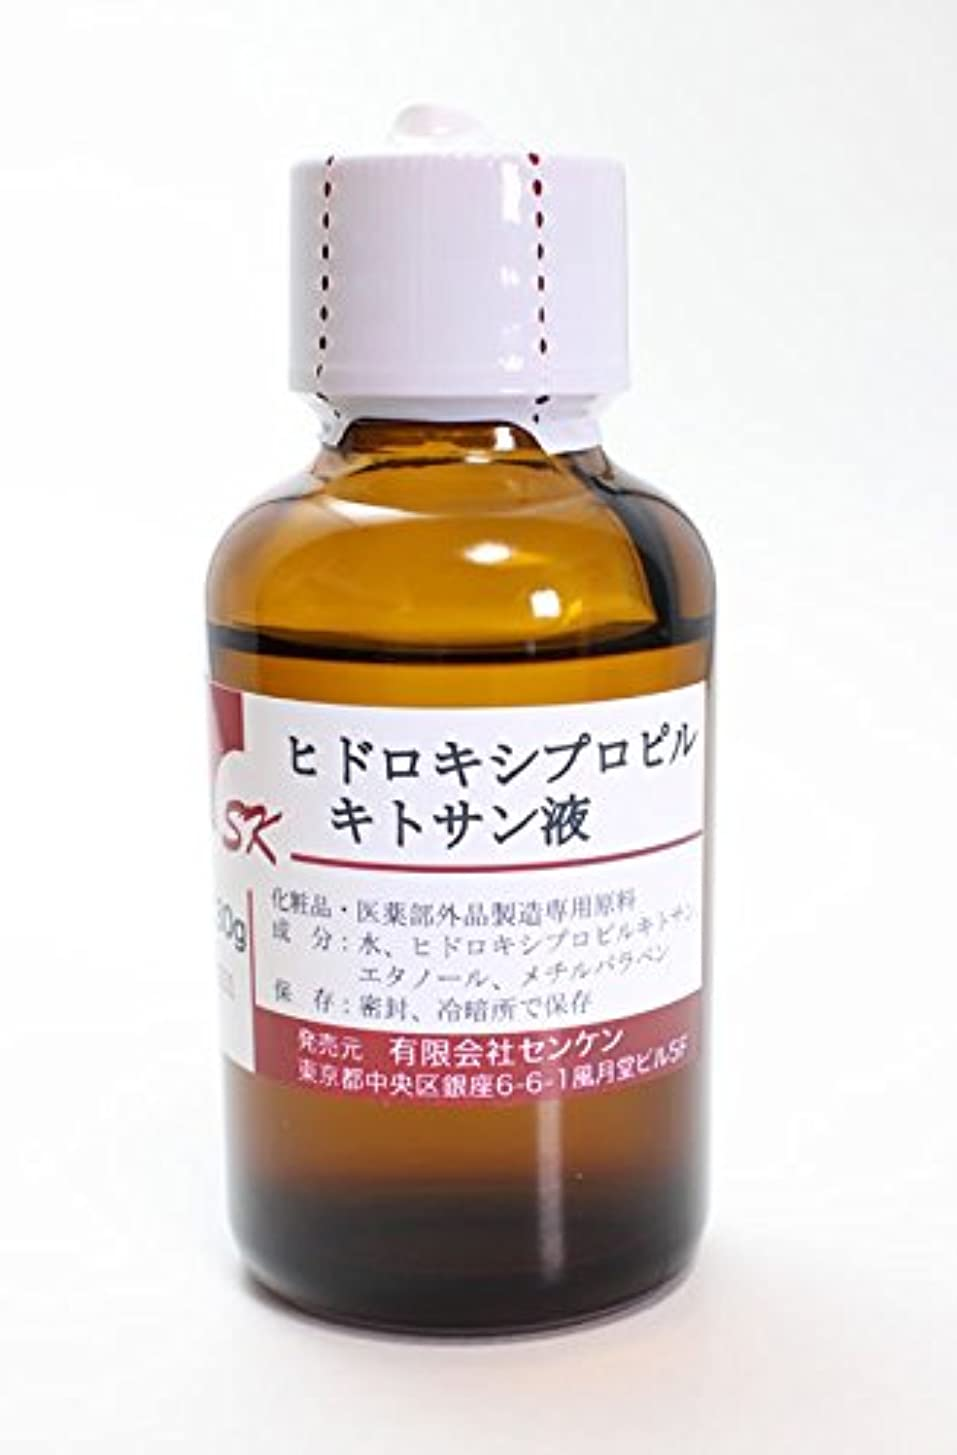 霧人休戦キトサン液30g